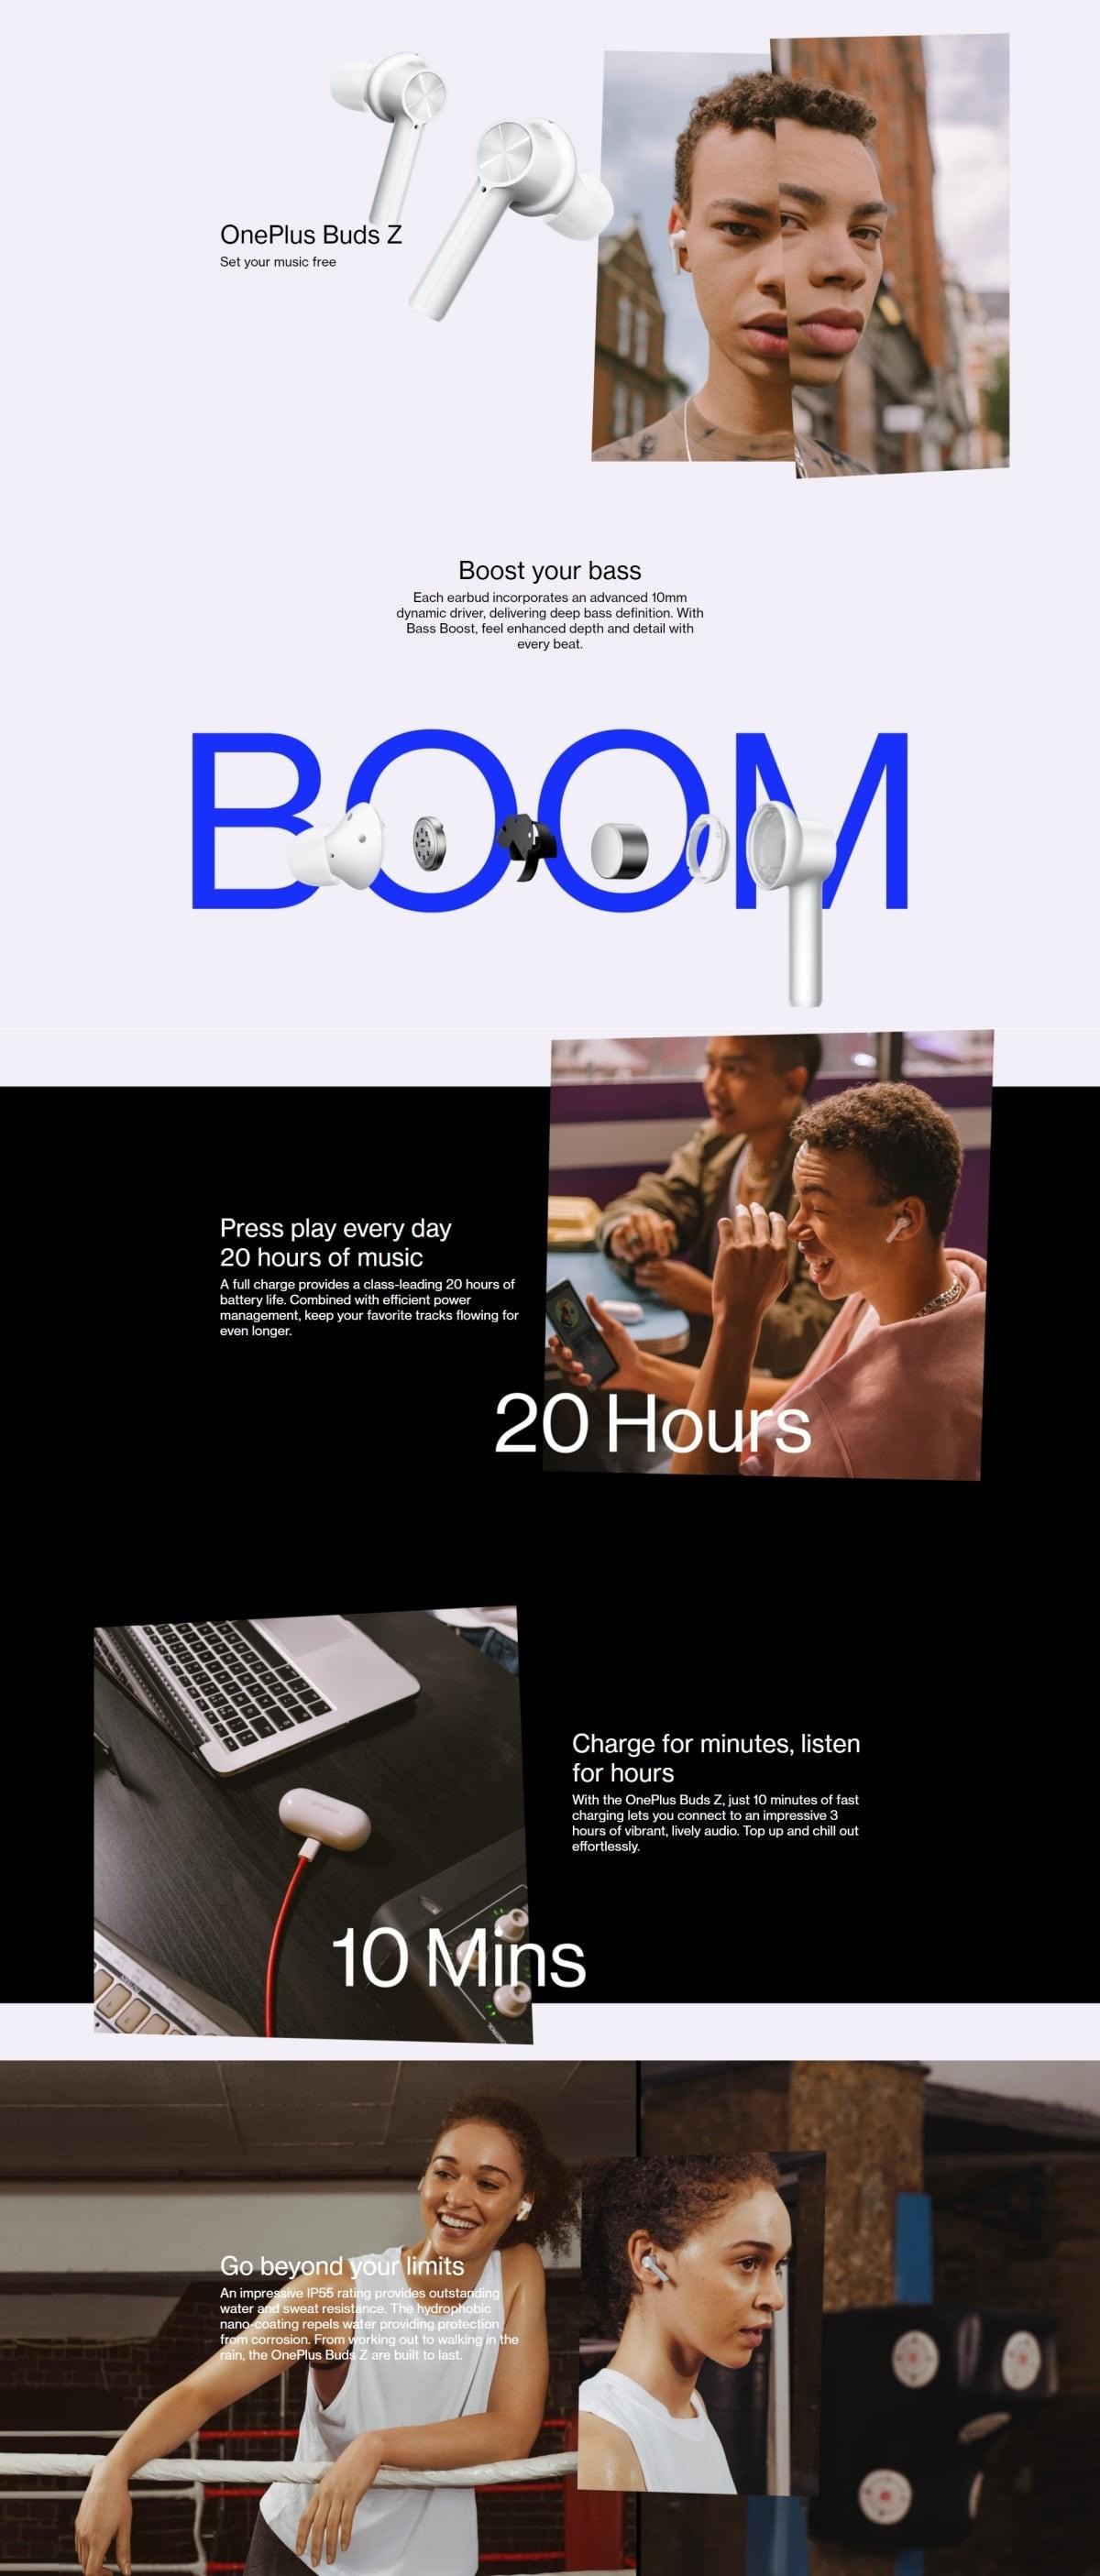 OnePlus-Buds-Za9309696ab1f6901.jpg